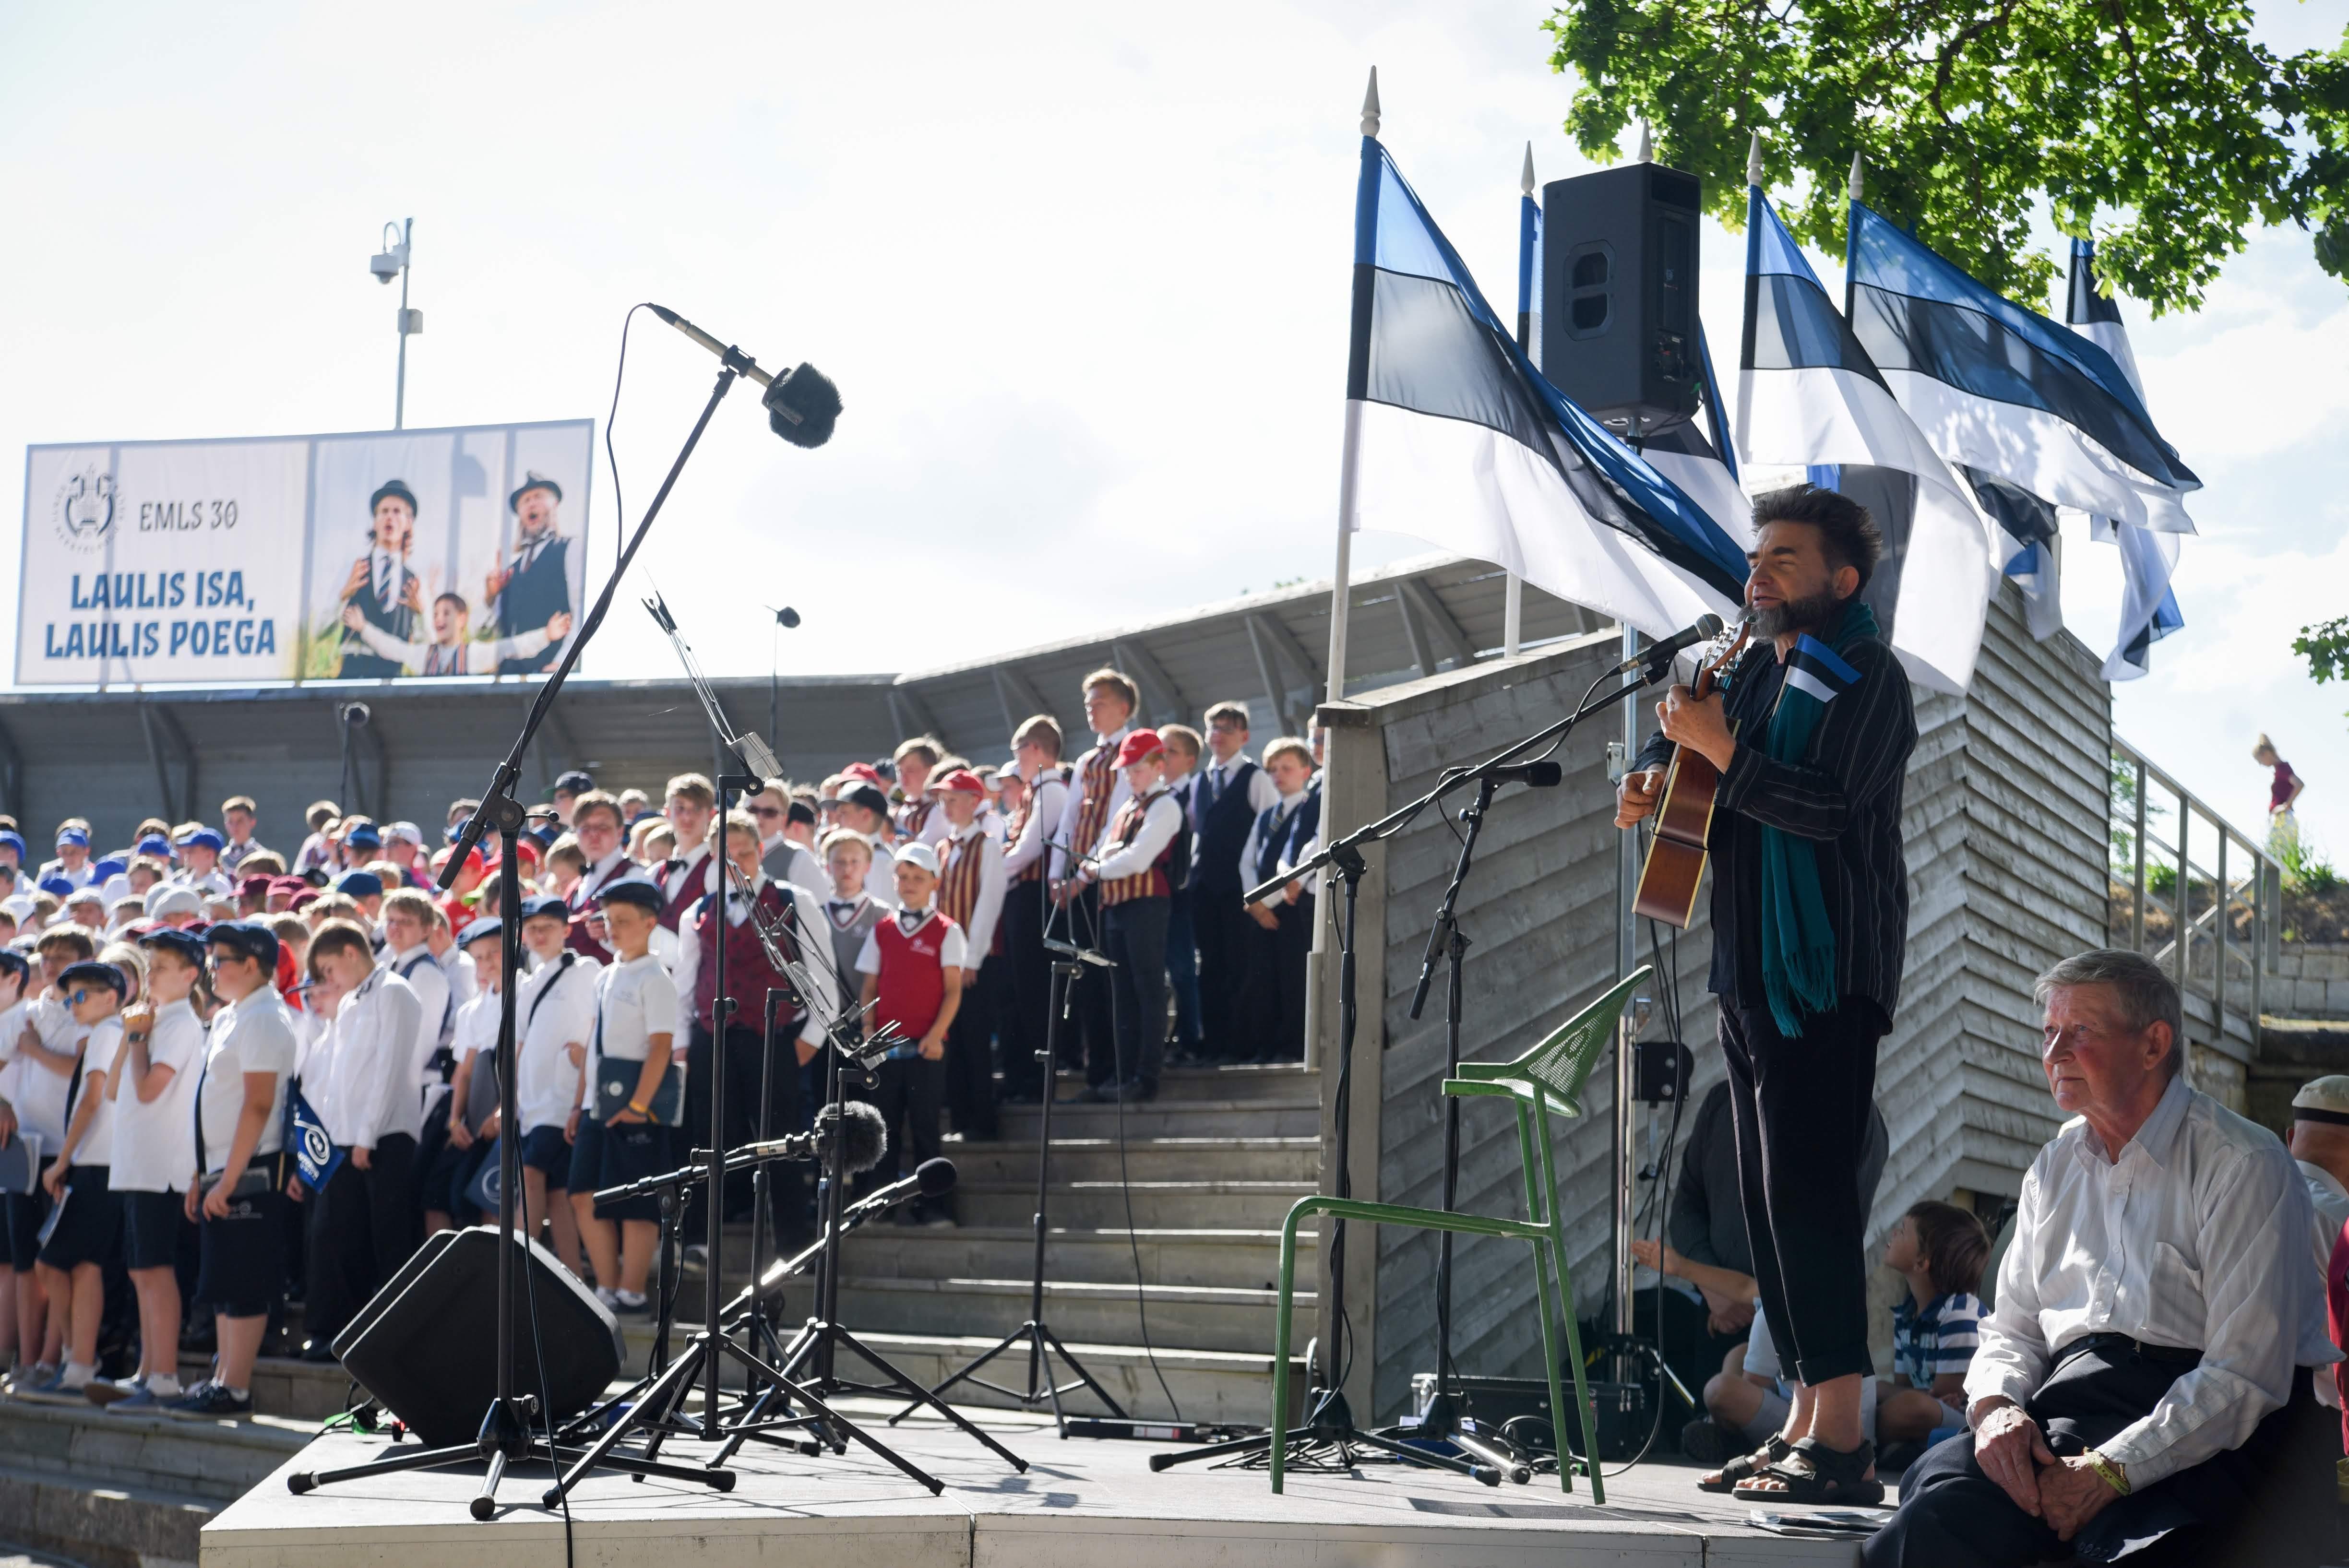 Laulup2ev_16.06.18_Viigimaa-24